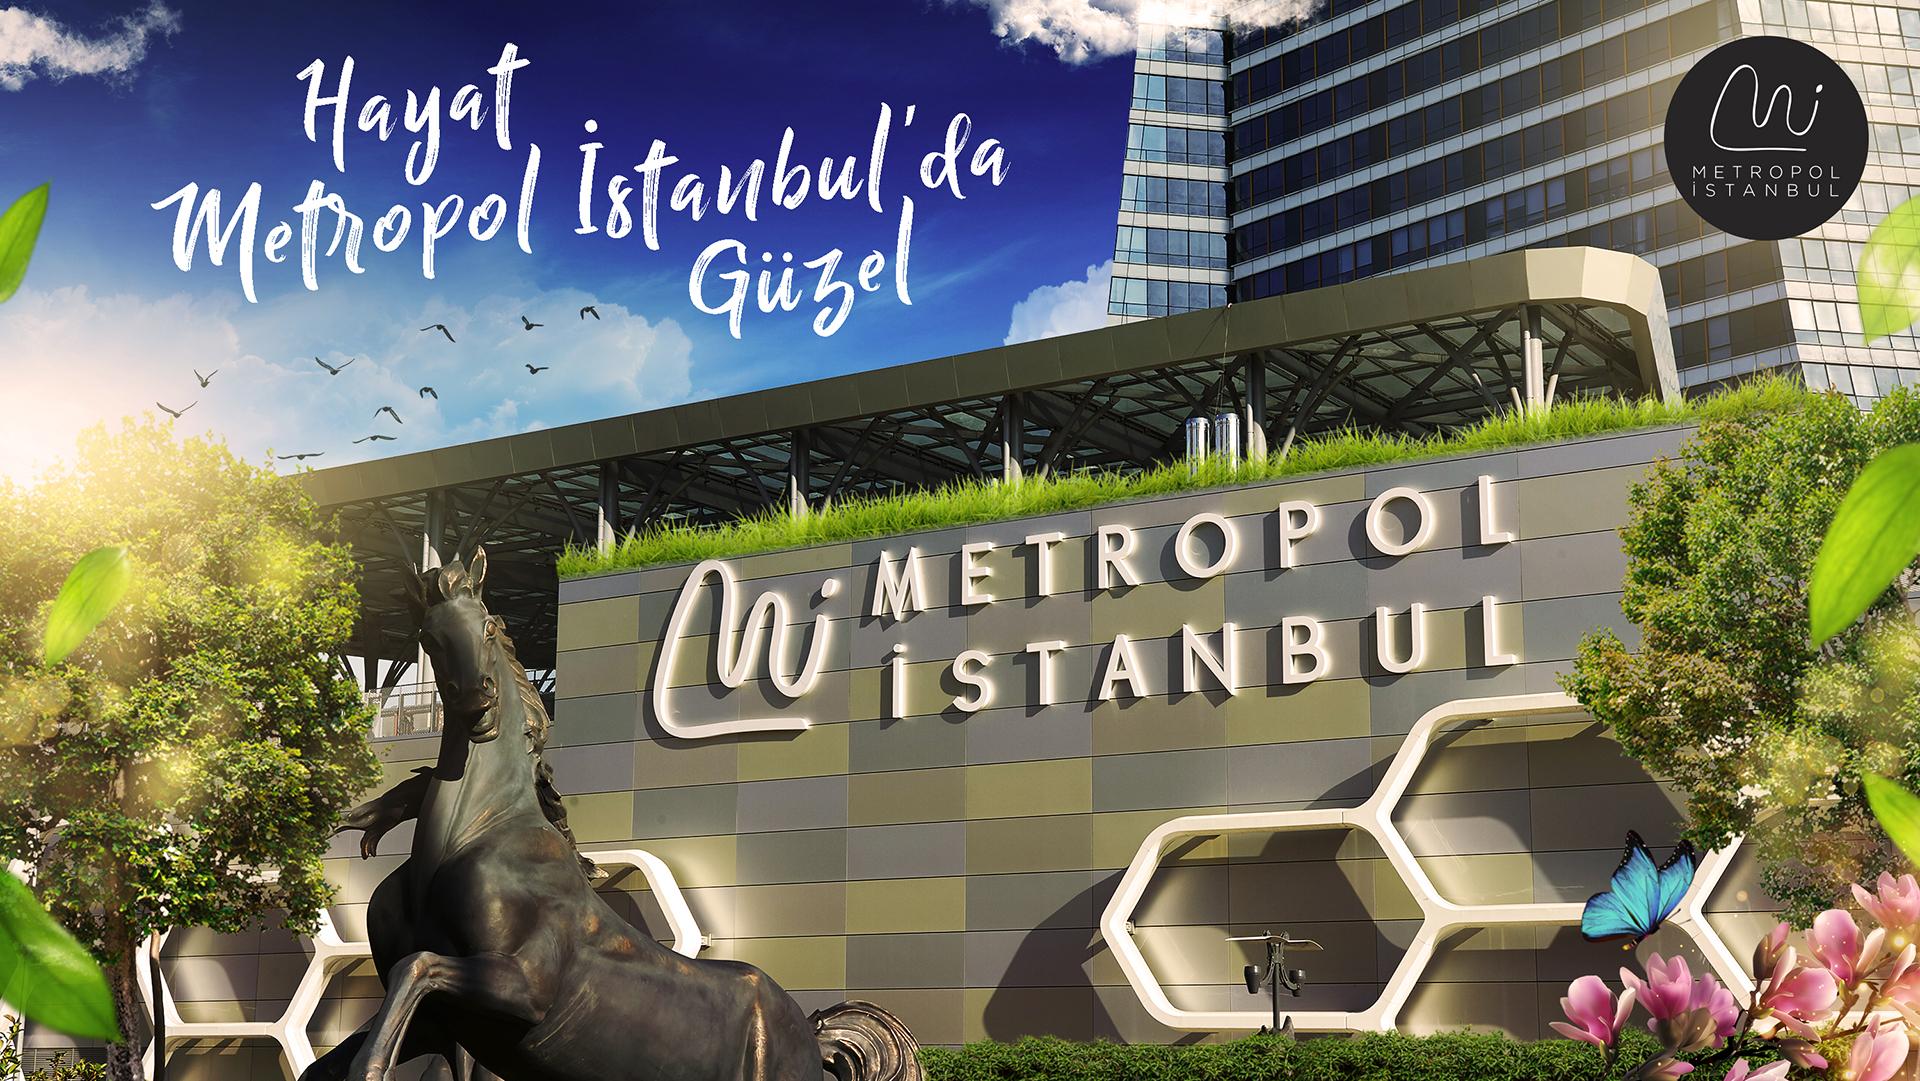 Hayat Metropol İstanbul'da Güzel!